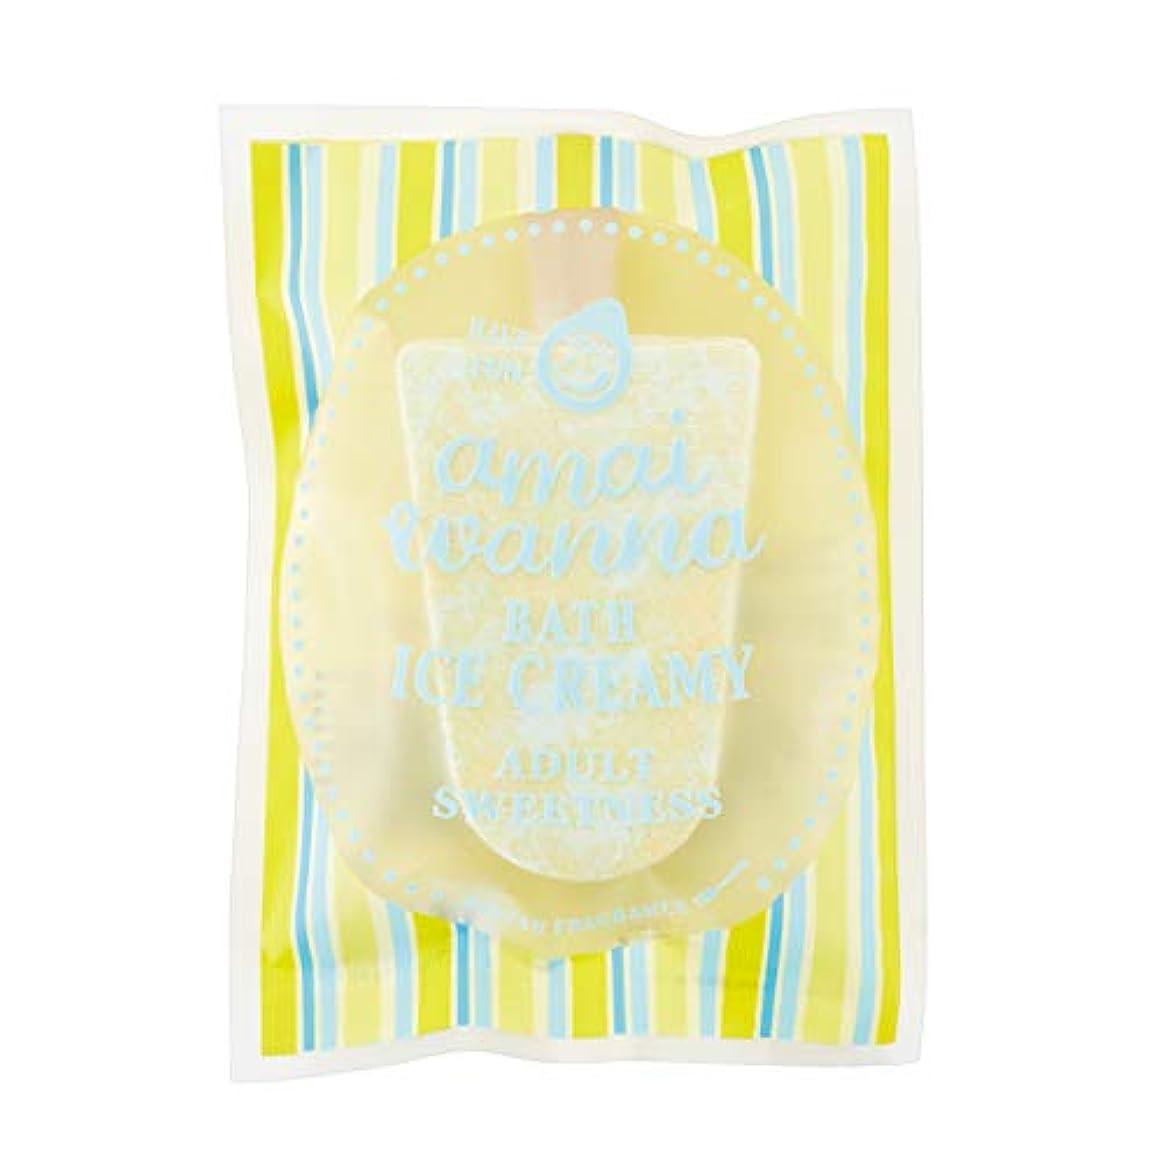 コットン乳剤簡略化するアマイワナSP バスアイスクリーミー 大人の甘美デザート60g(とろみのつく入浴料 メッセージ付 ギフト)